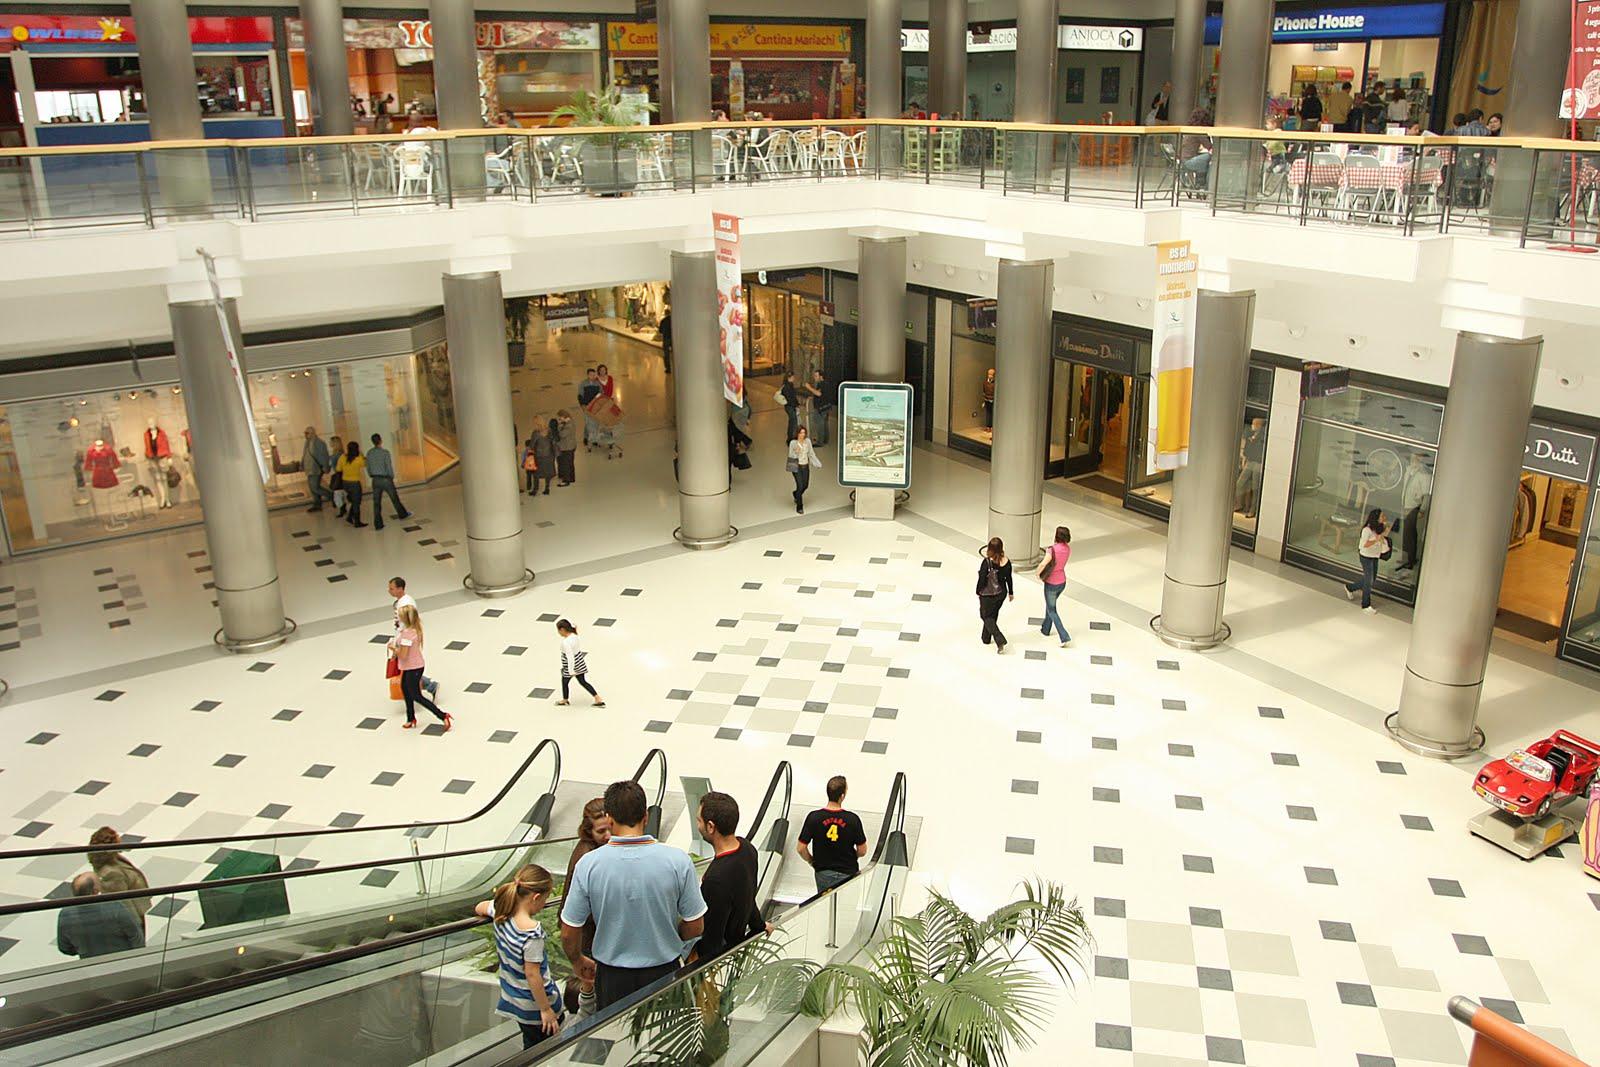 En un centro comercial - 1 7